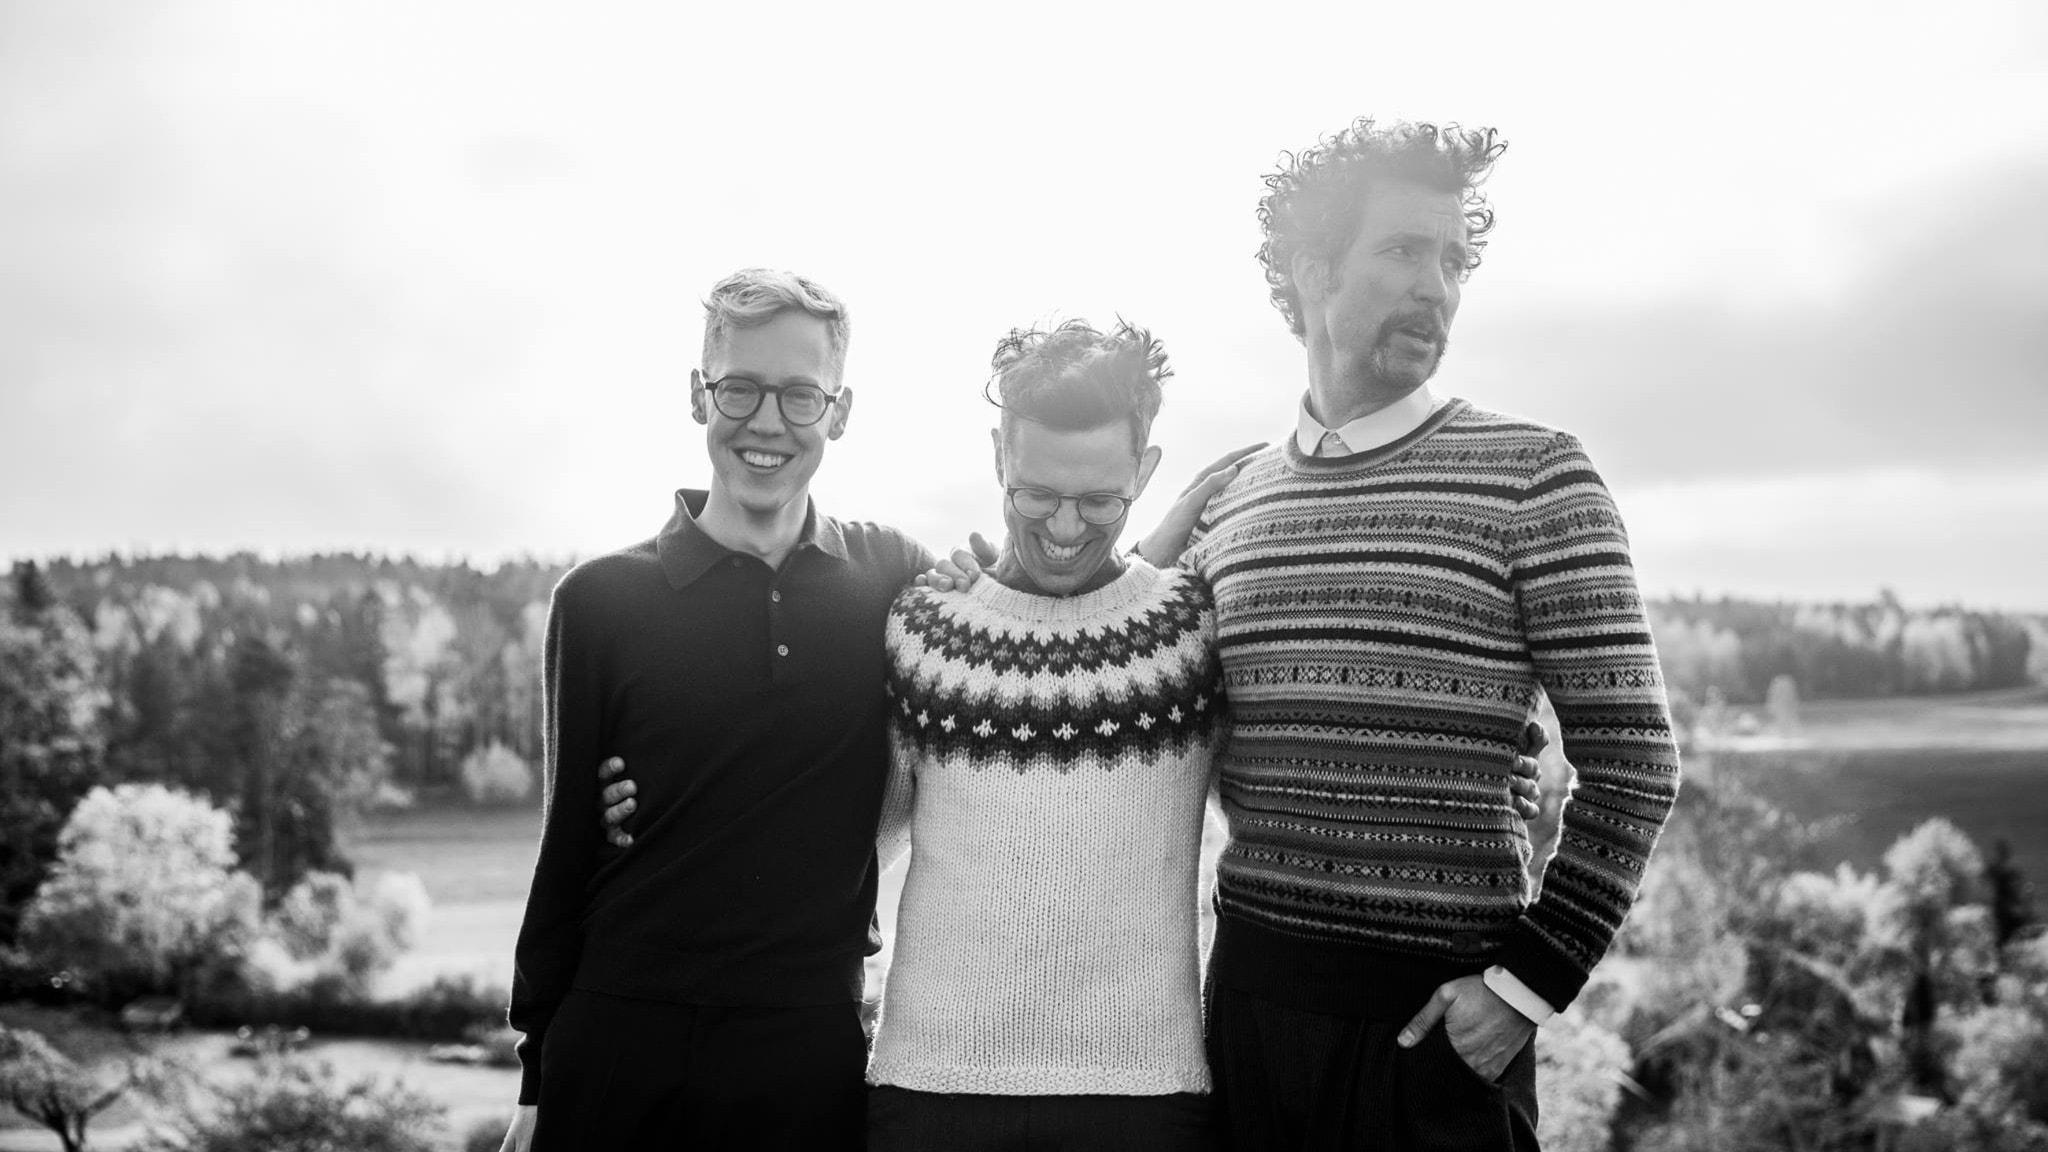 KONSERT: Orakel får Umeå jazzfestival att koka